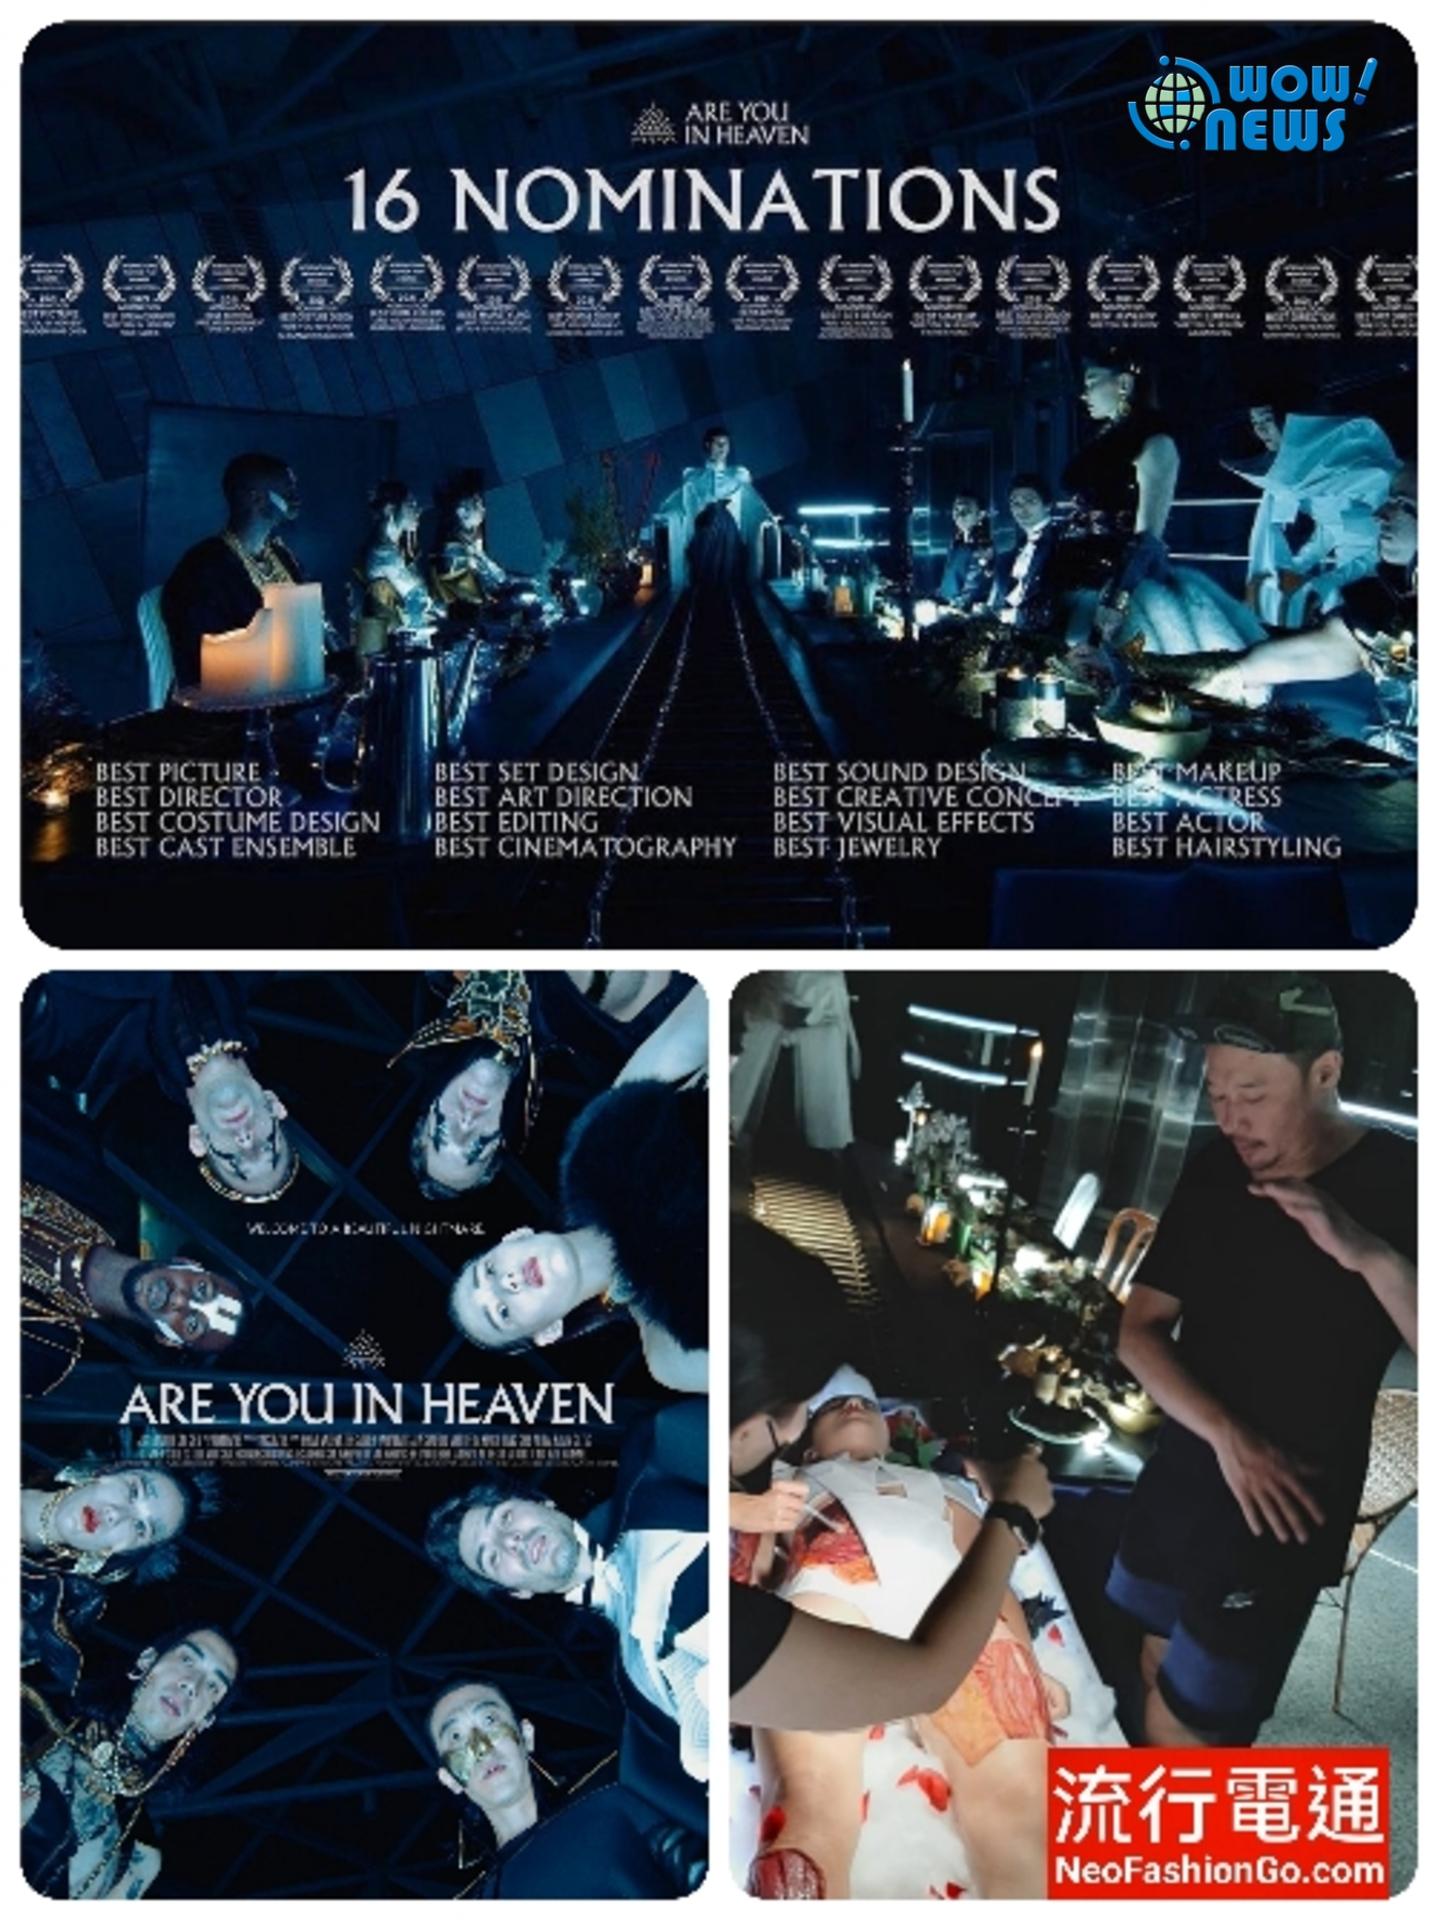 臺灣服裝設計師陳科維(Alexander King Chen)電影作品《ARE YOU IN HEAVEN》一舉入圍「La Jolla 」電影節16 項大獎 藉蘭陽博物館場景傳達「人和自然的和諧共生」理念